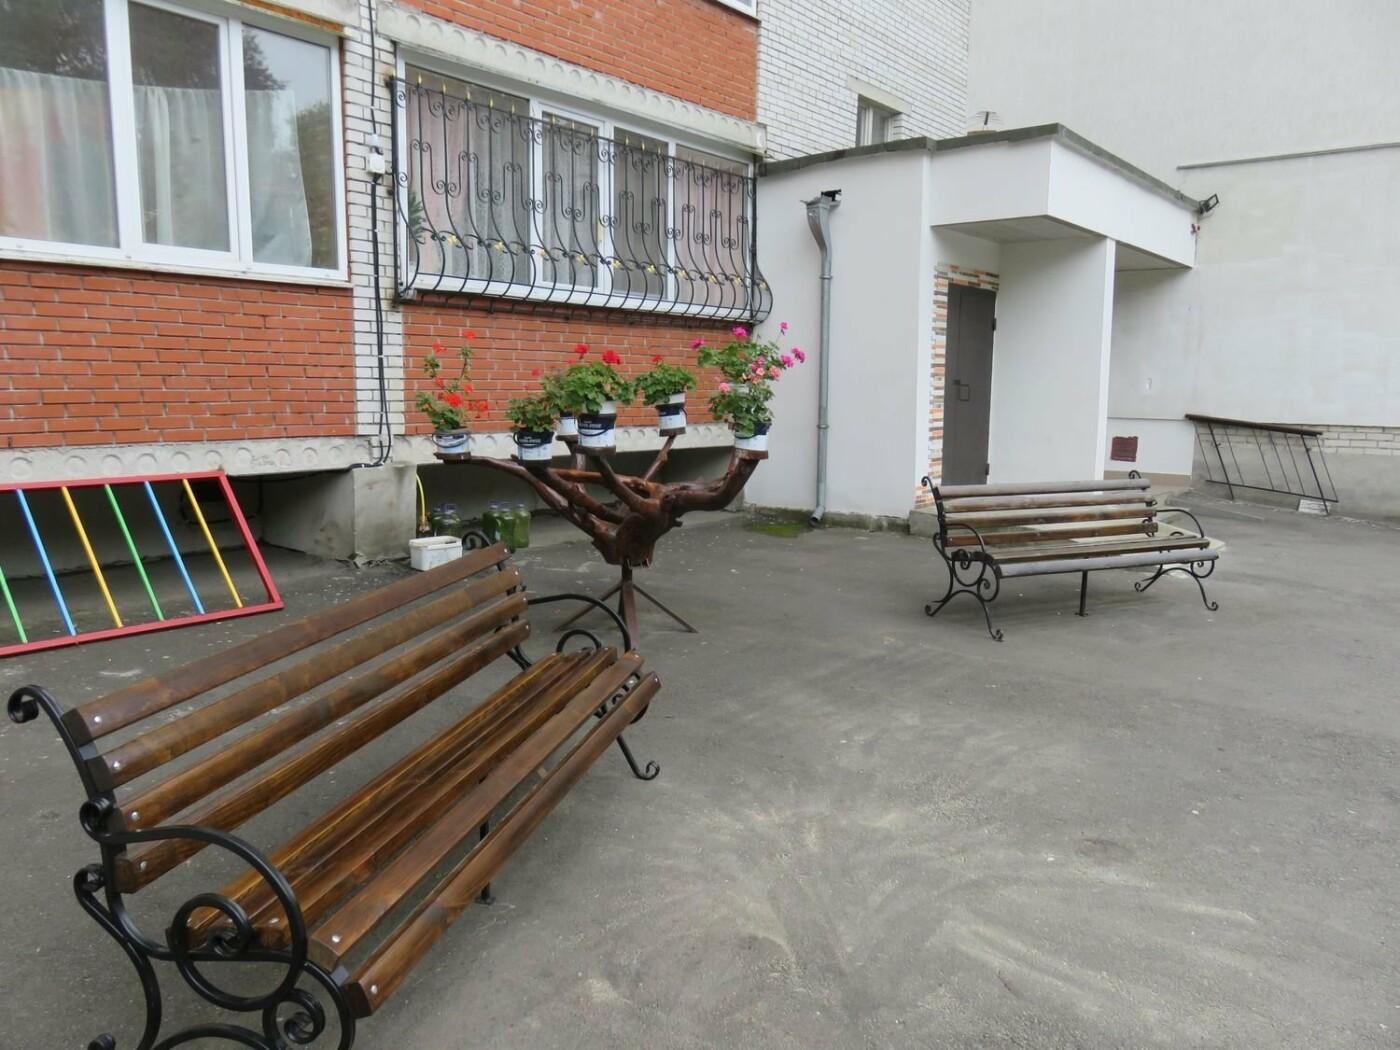 З'явилися світлини найкрасивіших будинків та вулиць Хмельницького, фото-11